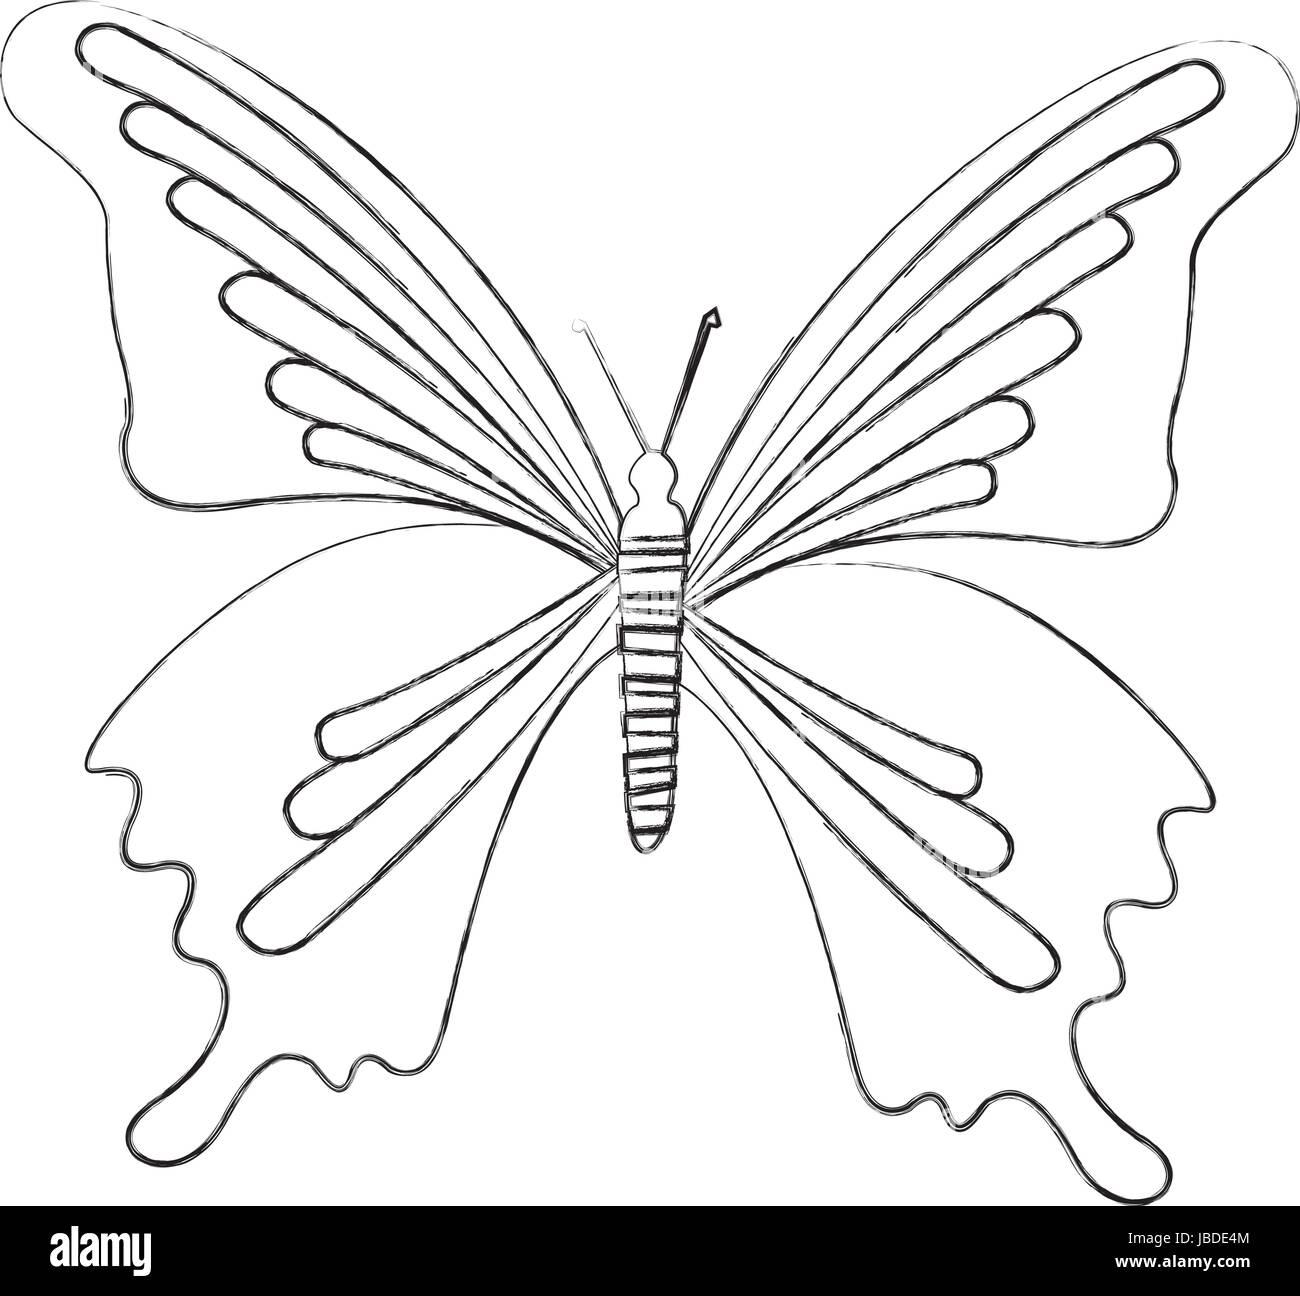 Sketch Draw Butterfly Cartoon Stock Vector Art Illustration